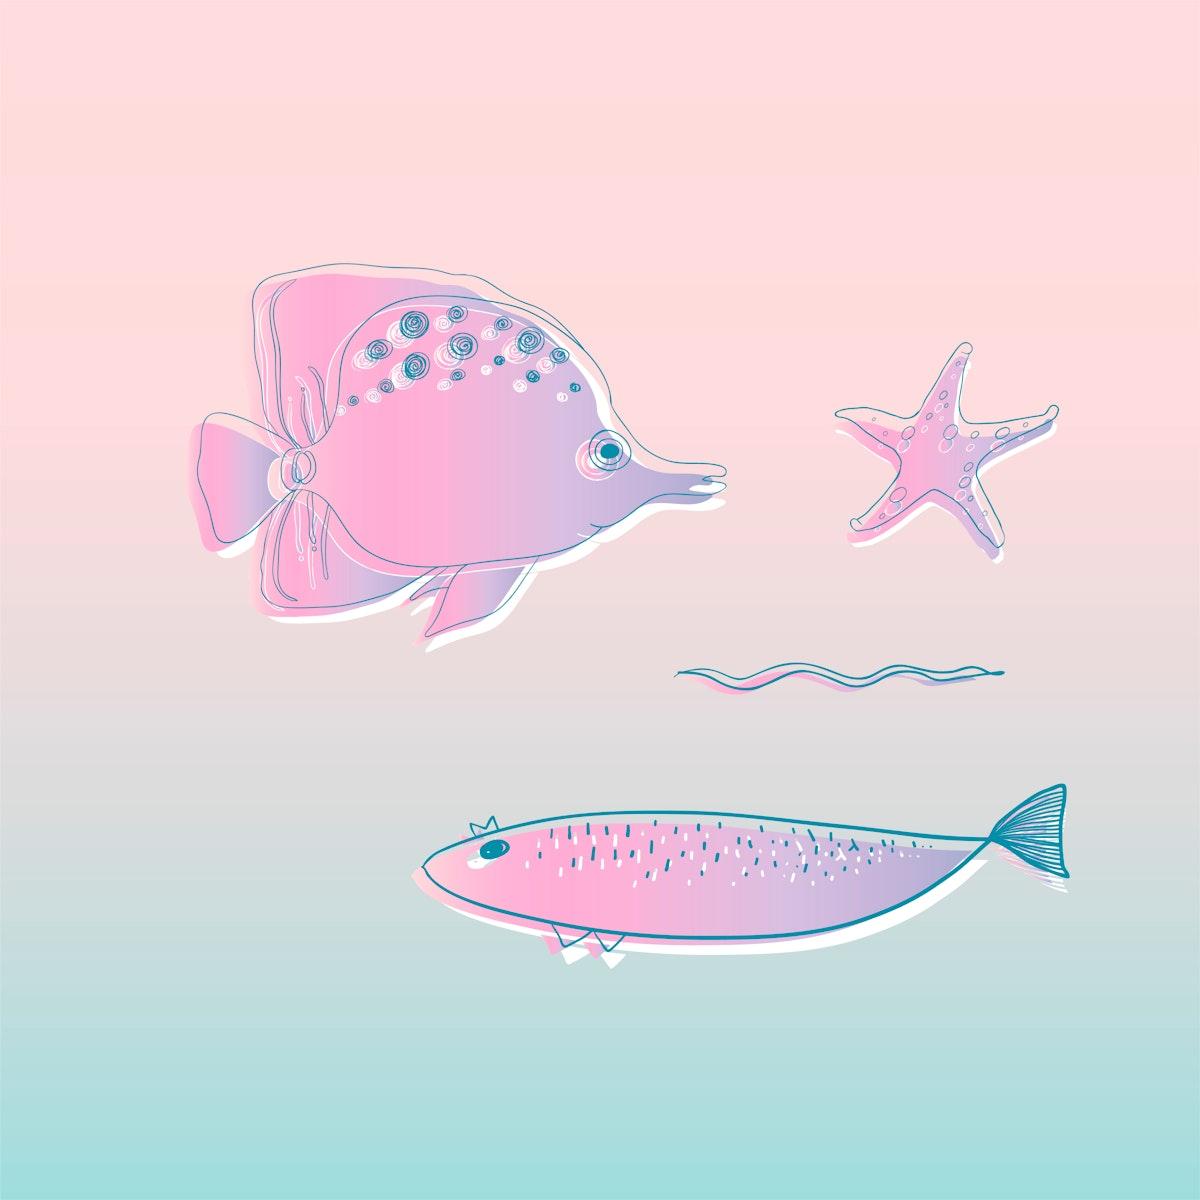 Vector of underwater creatures